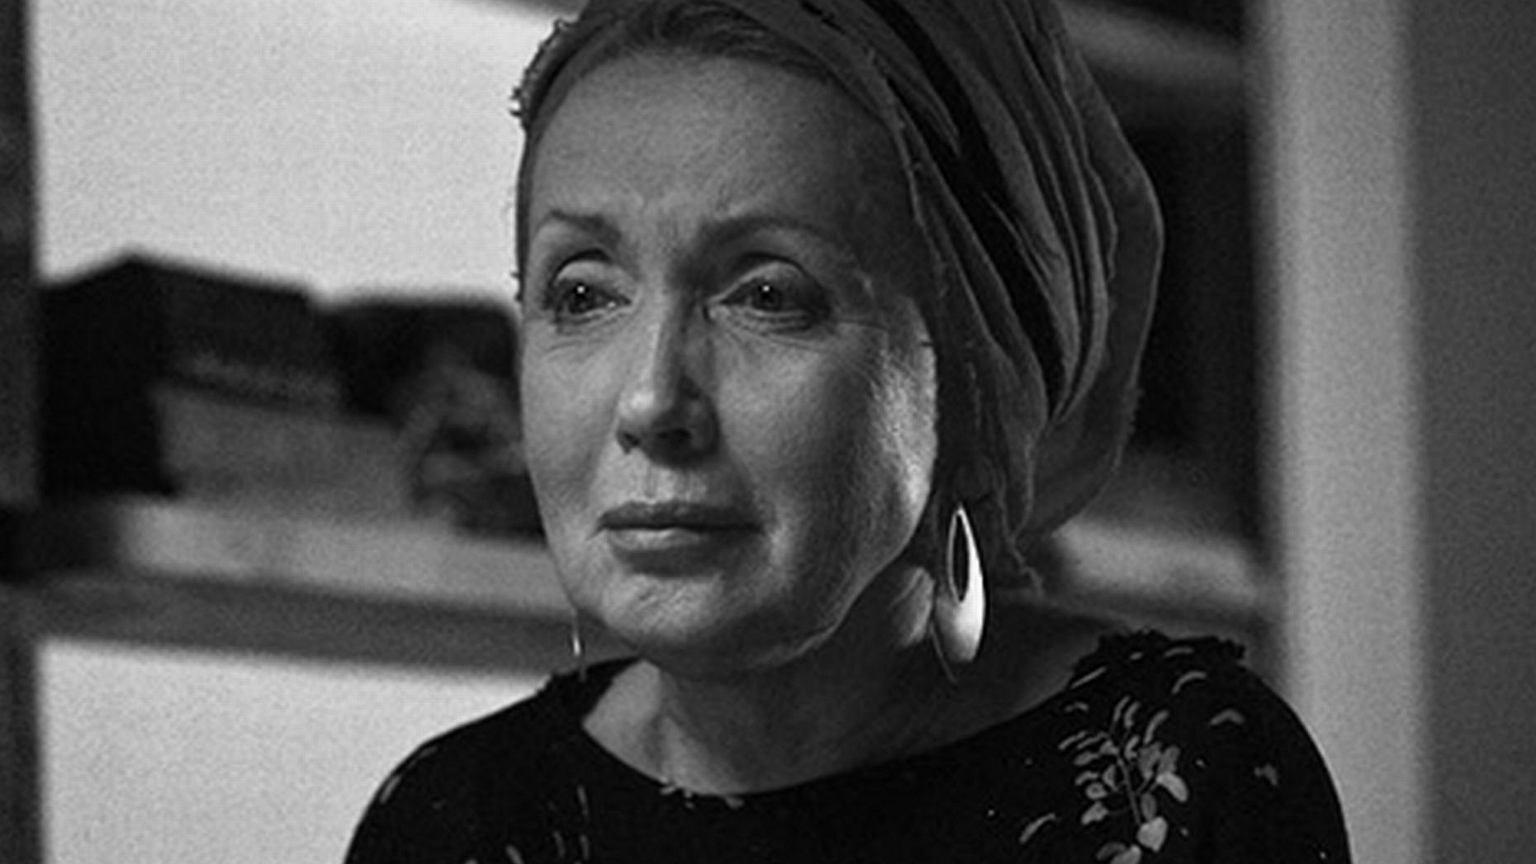 Nie żyje aktorka Elżbieta Słoboda. Miała 59 lat. O jej śmierci poinformował Zbigniew Hołdys